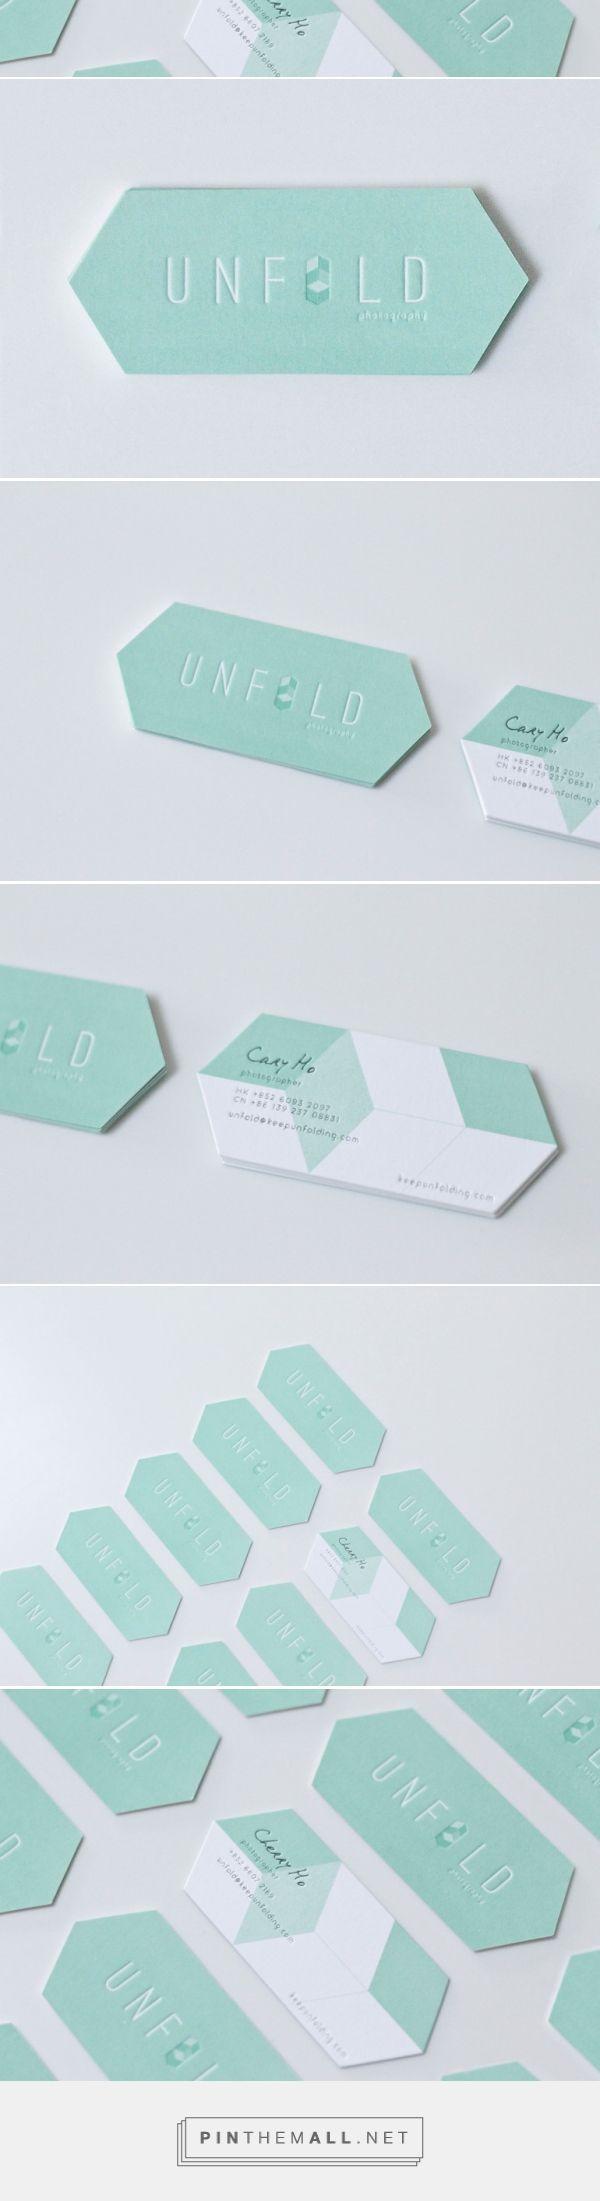 Unique Custom Shaped Business Cards – Unfold | CardRabbit.com. business cards branding Print, painting, ideas, sketch, handmade, font, typographie, business card Croquis, idée, esquisse, ecriture, police d'écriture, carte de visite - la touche d'Agathe